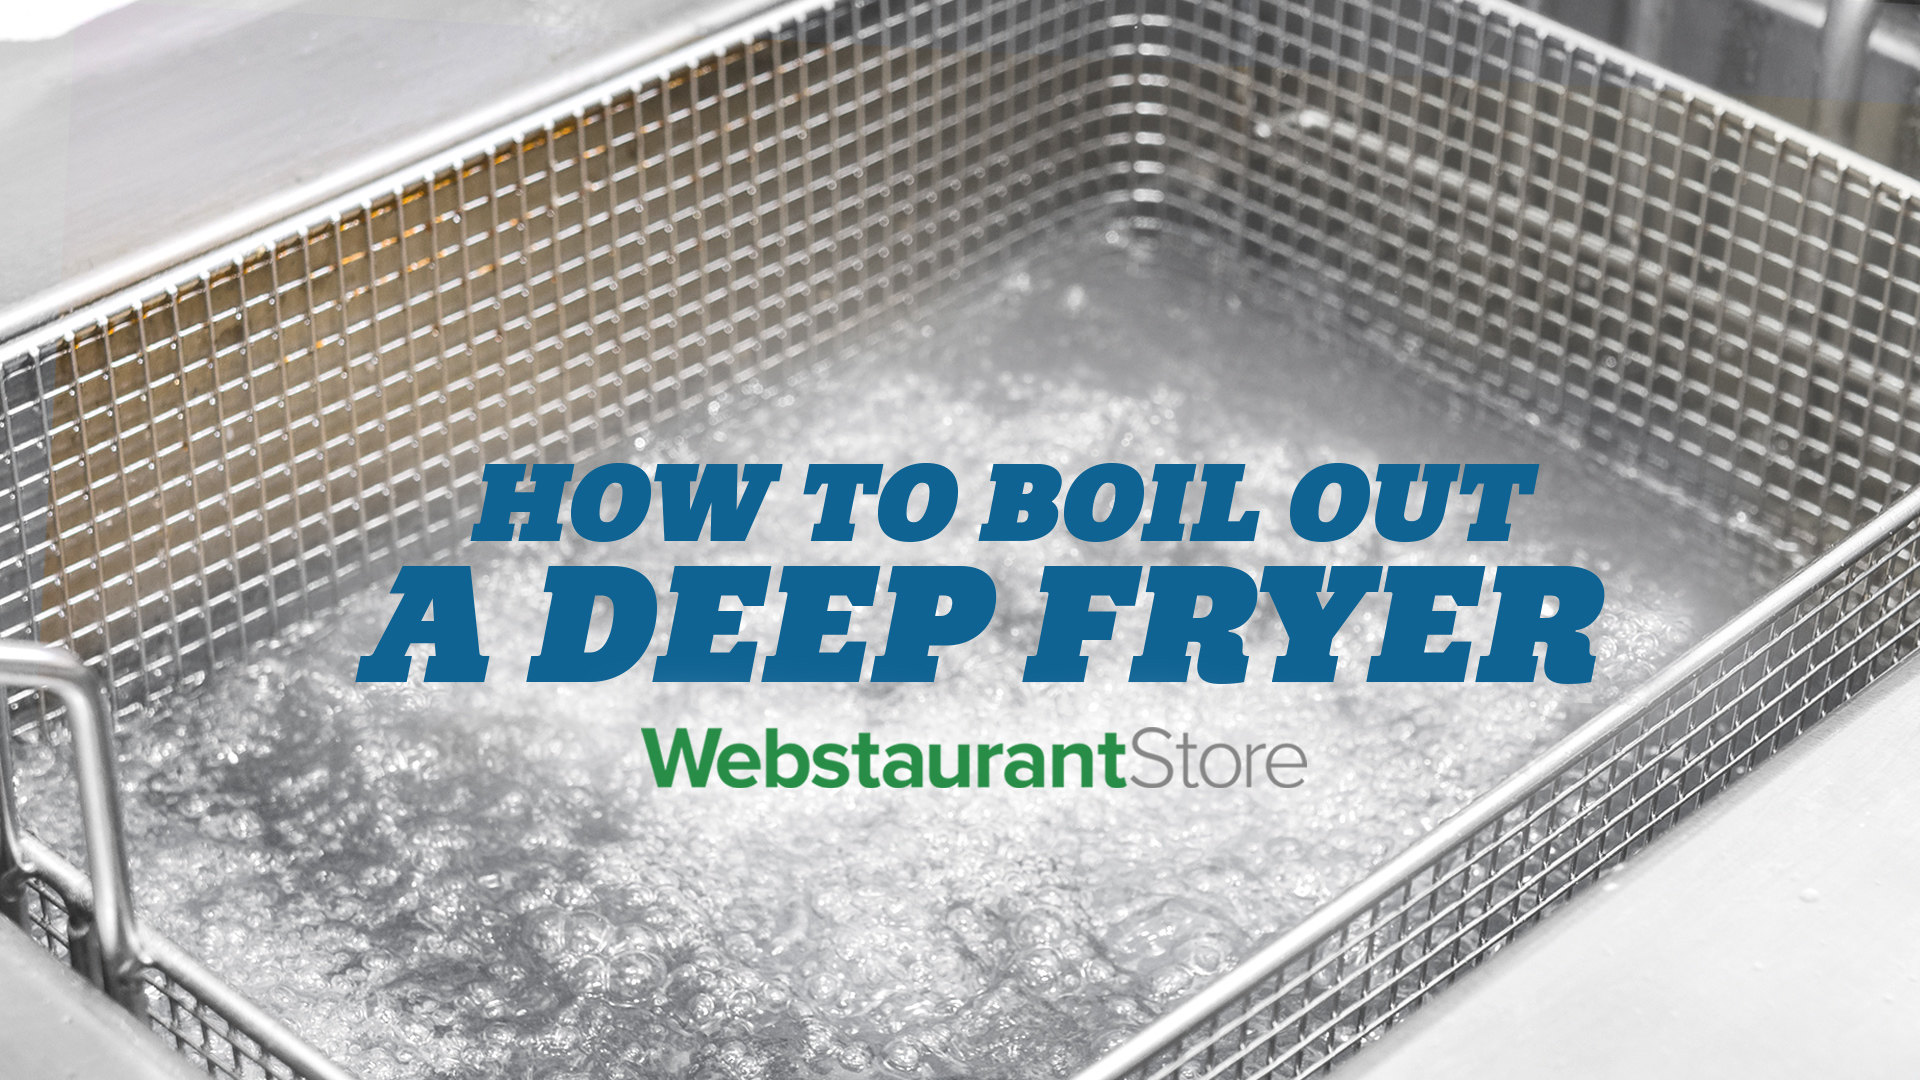 How to Boil-Out a Deep Fryer - WebstaurantStore TV Video